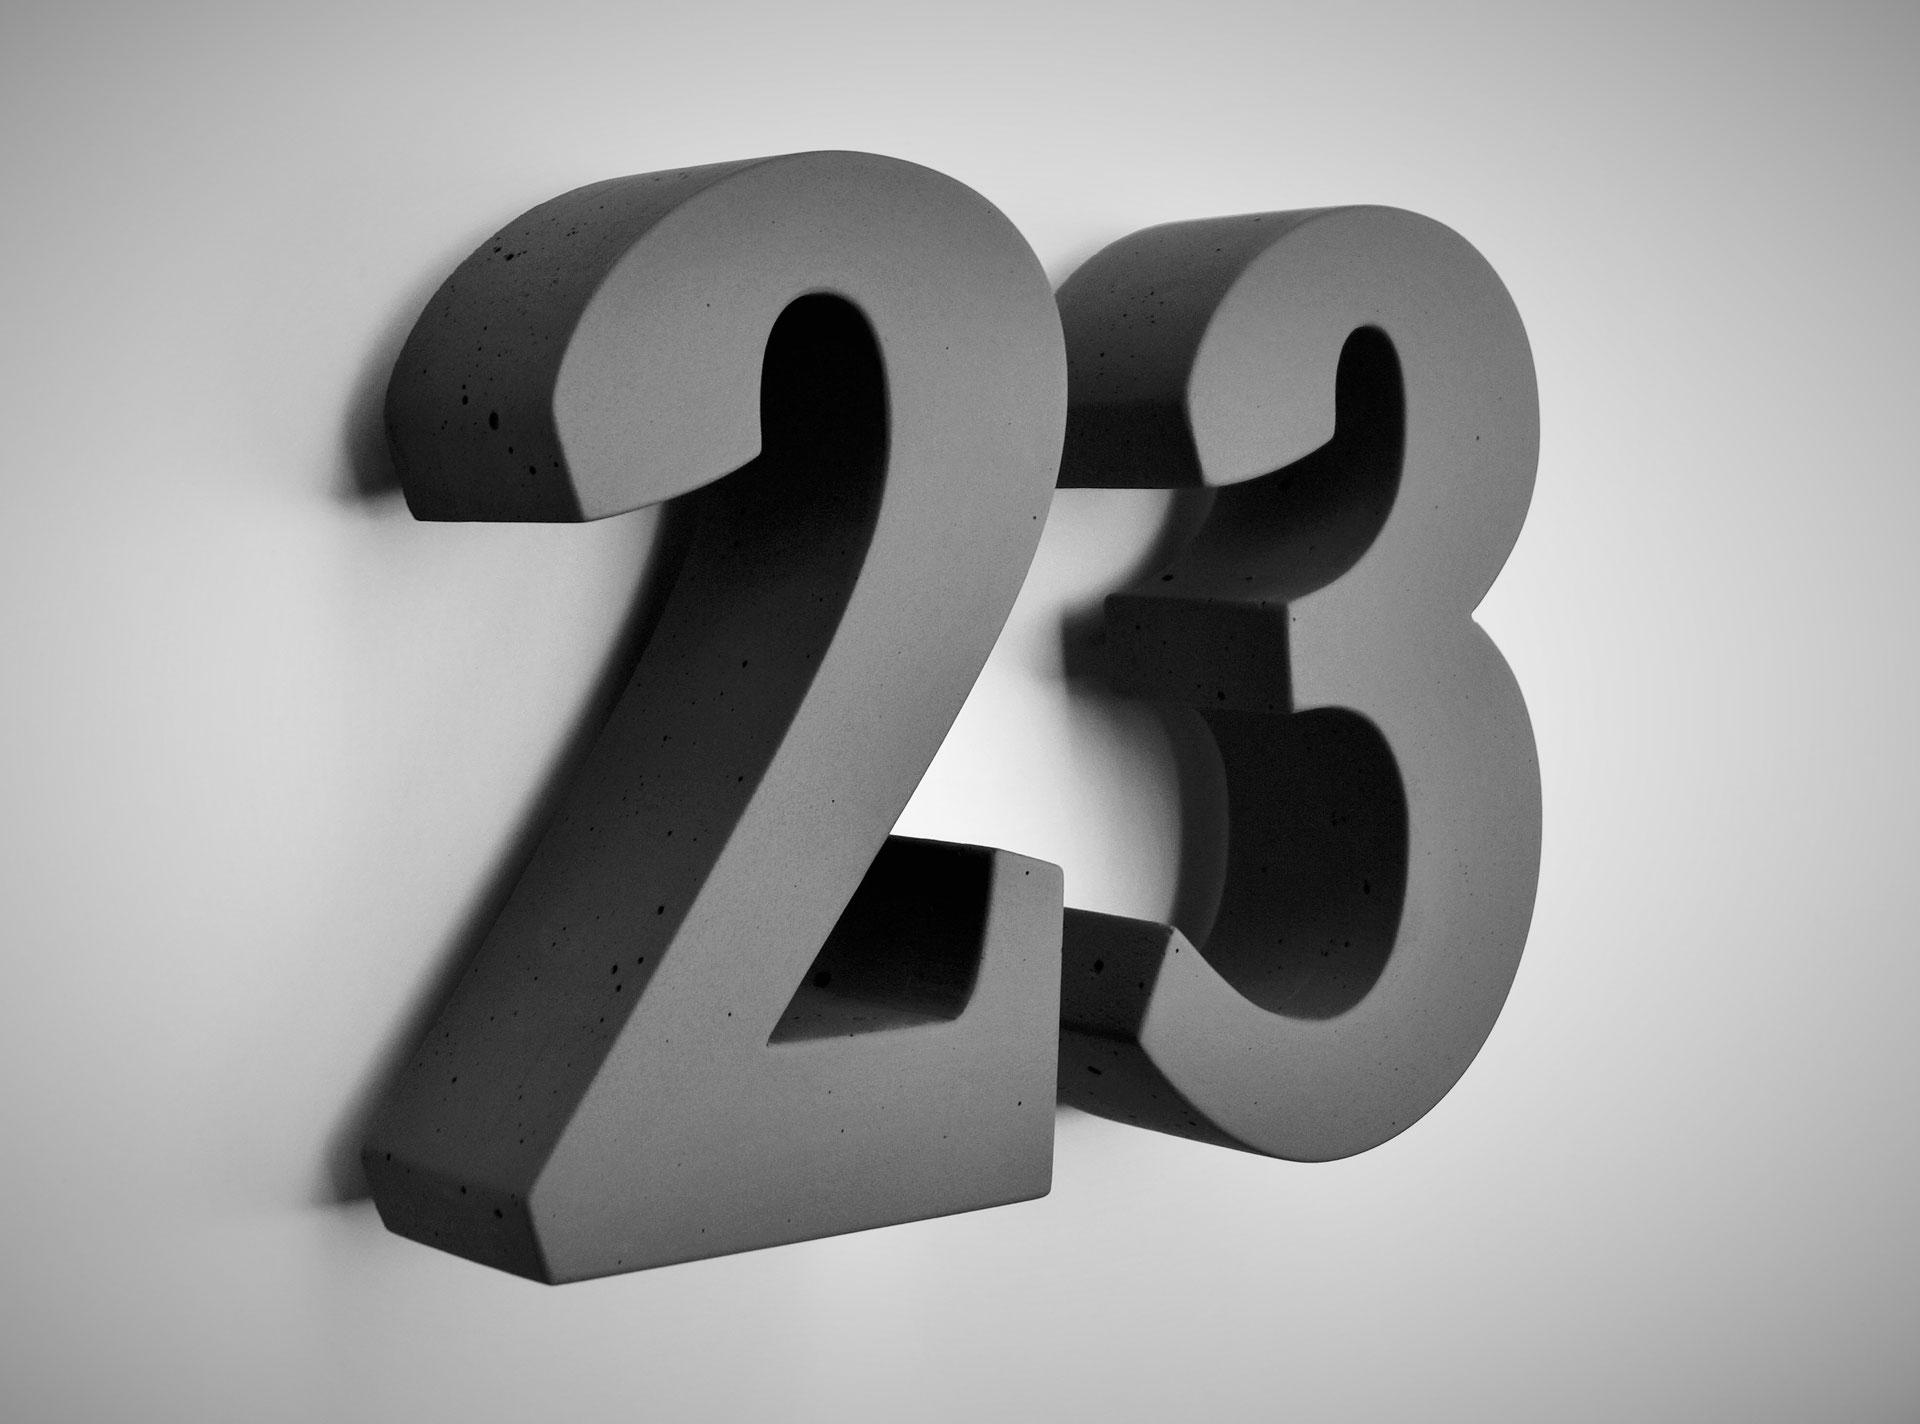 Hausnummer Anthrazit hausnummern zahlen aus beton beton fabrik hausnummern zahlen